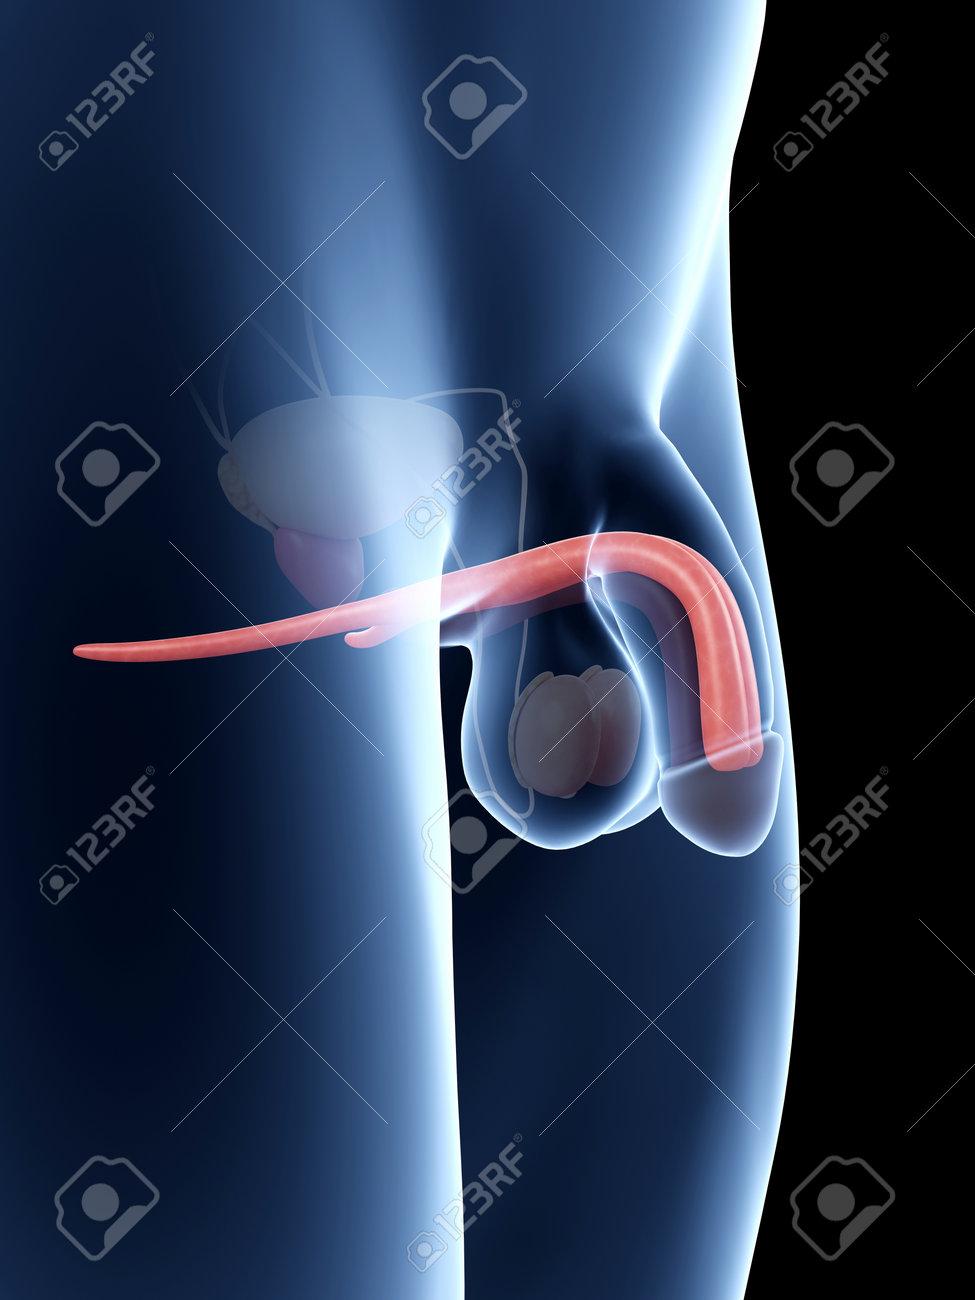 Ilustración De La Anatomía Del Pene - Cuerpo Cavernoso Fotos ...